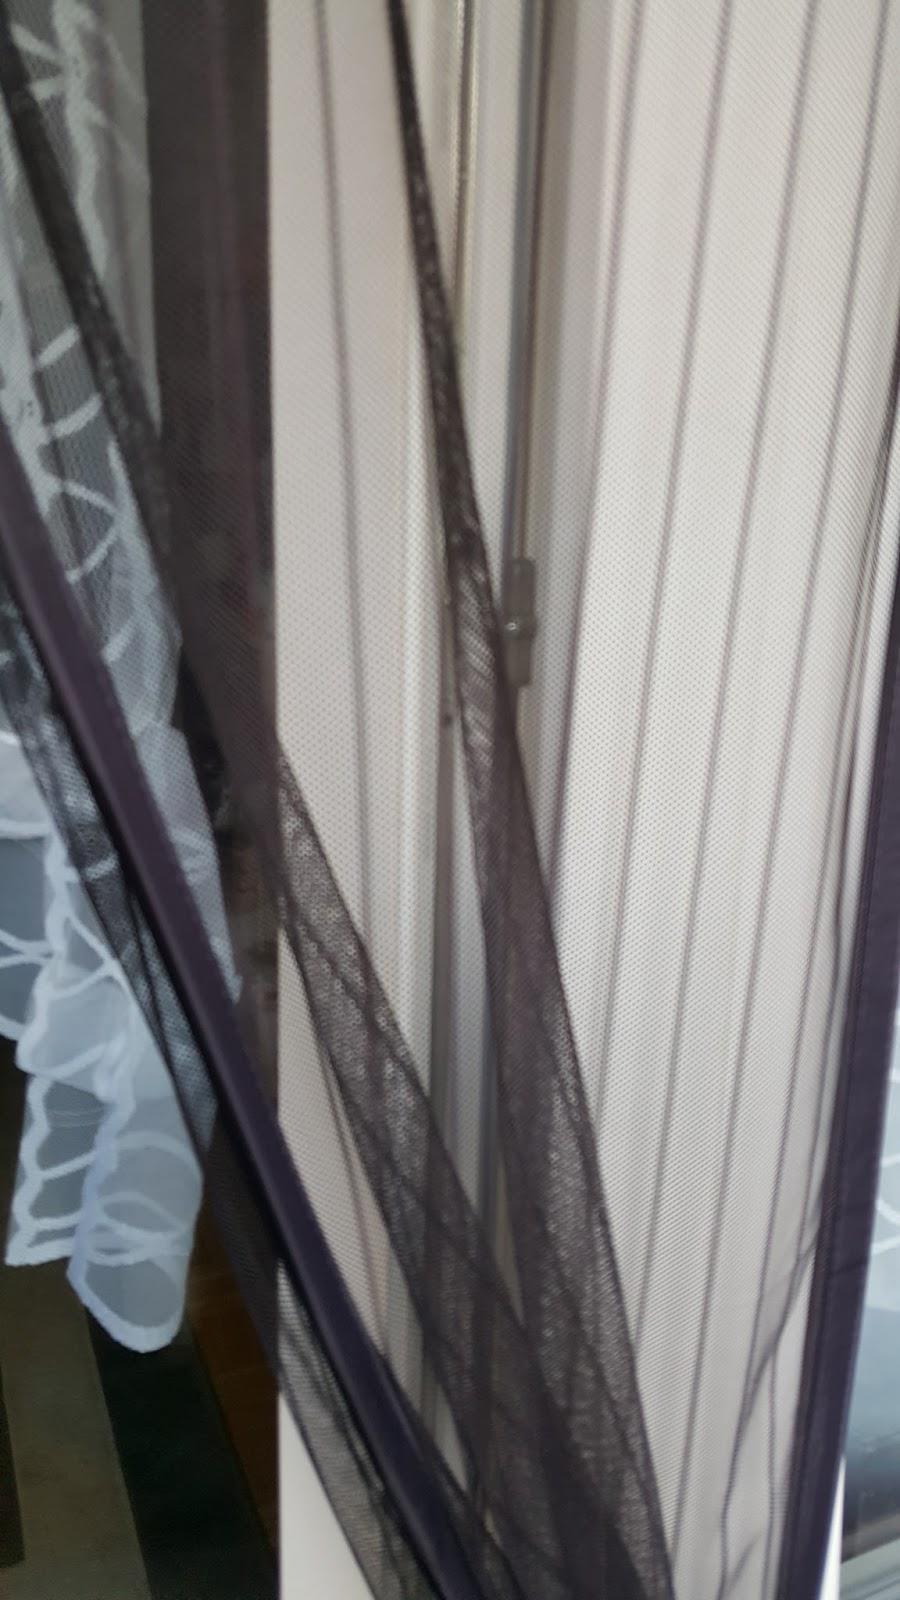 Full Size of Monas Blog Magnet Fliegengitter Tr Insektenschutz 90x210 Cm Fenster Maßanfertigung Für Magnettafel Küche Wohnzimmer Fliegengitter Magnet